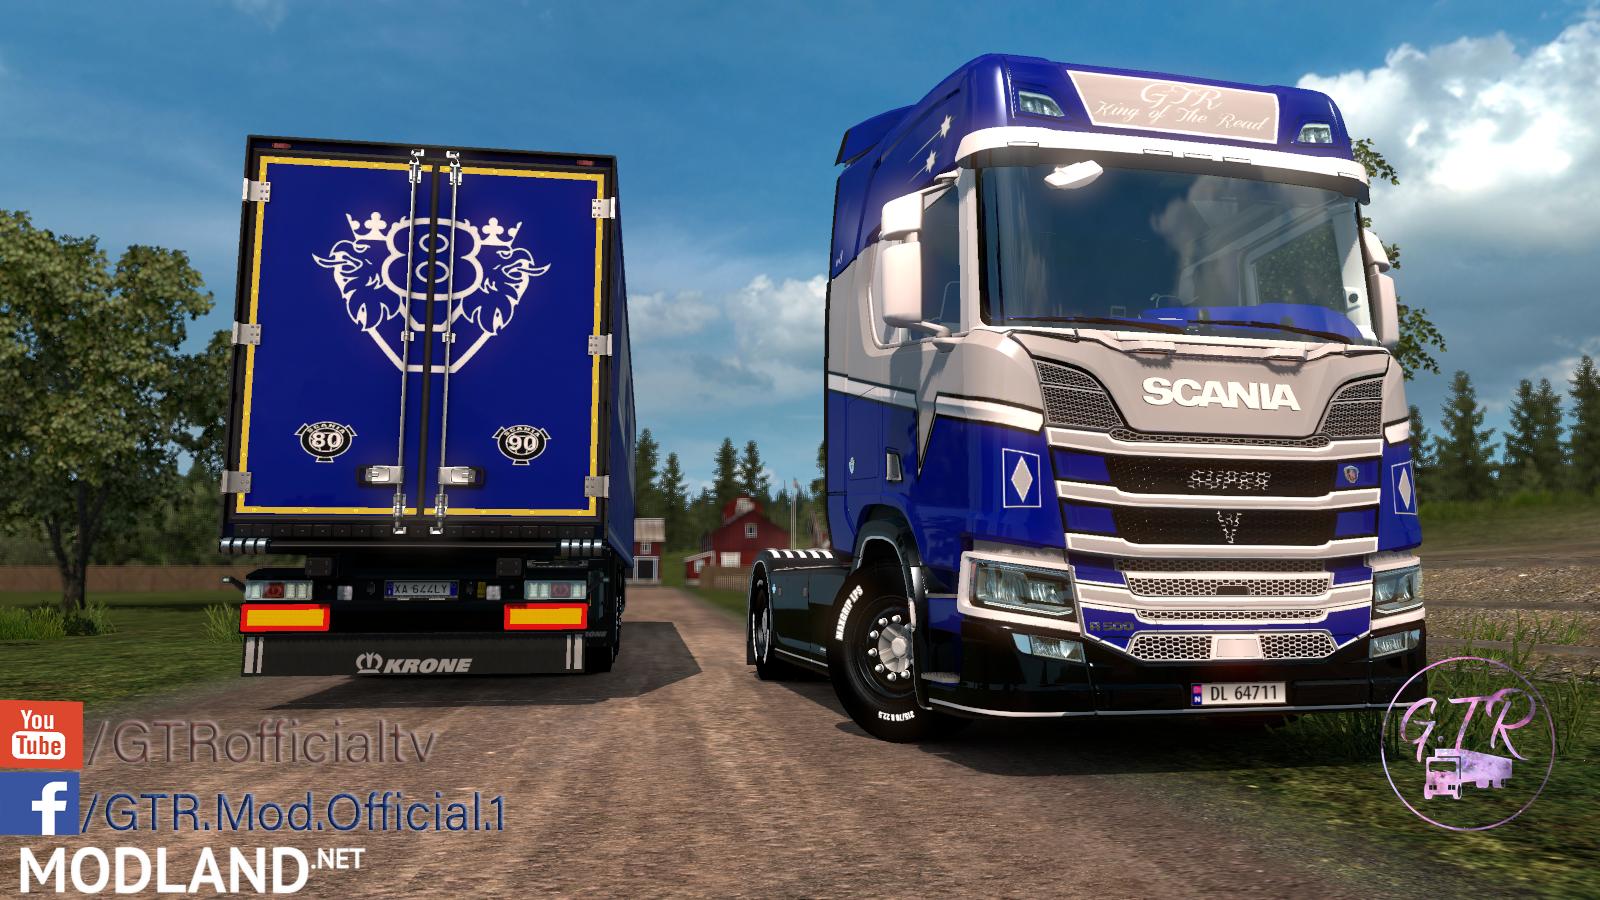 Combo Skin Scania R Next Gen [Dlc Krone & Standard Trailers